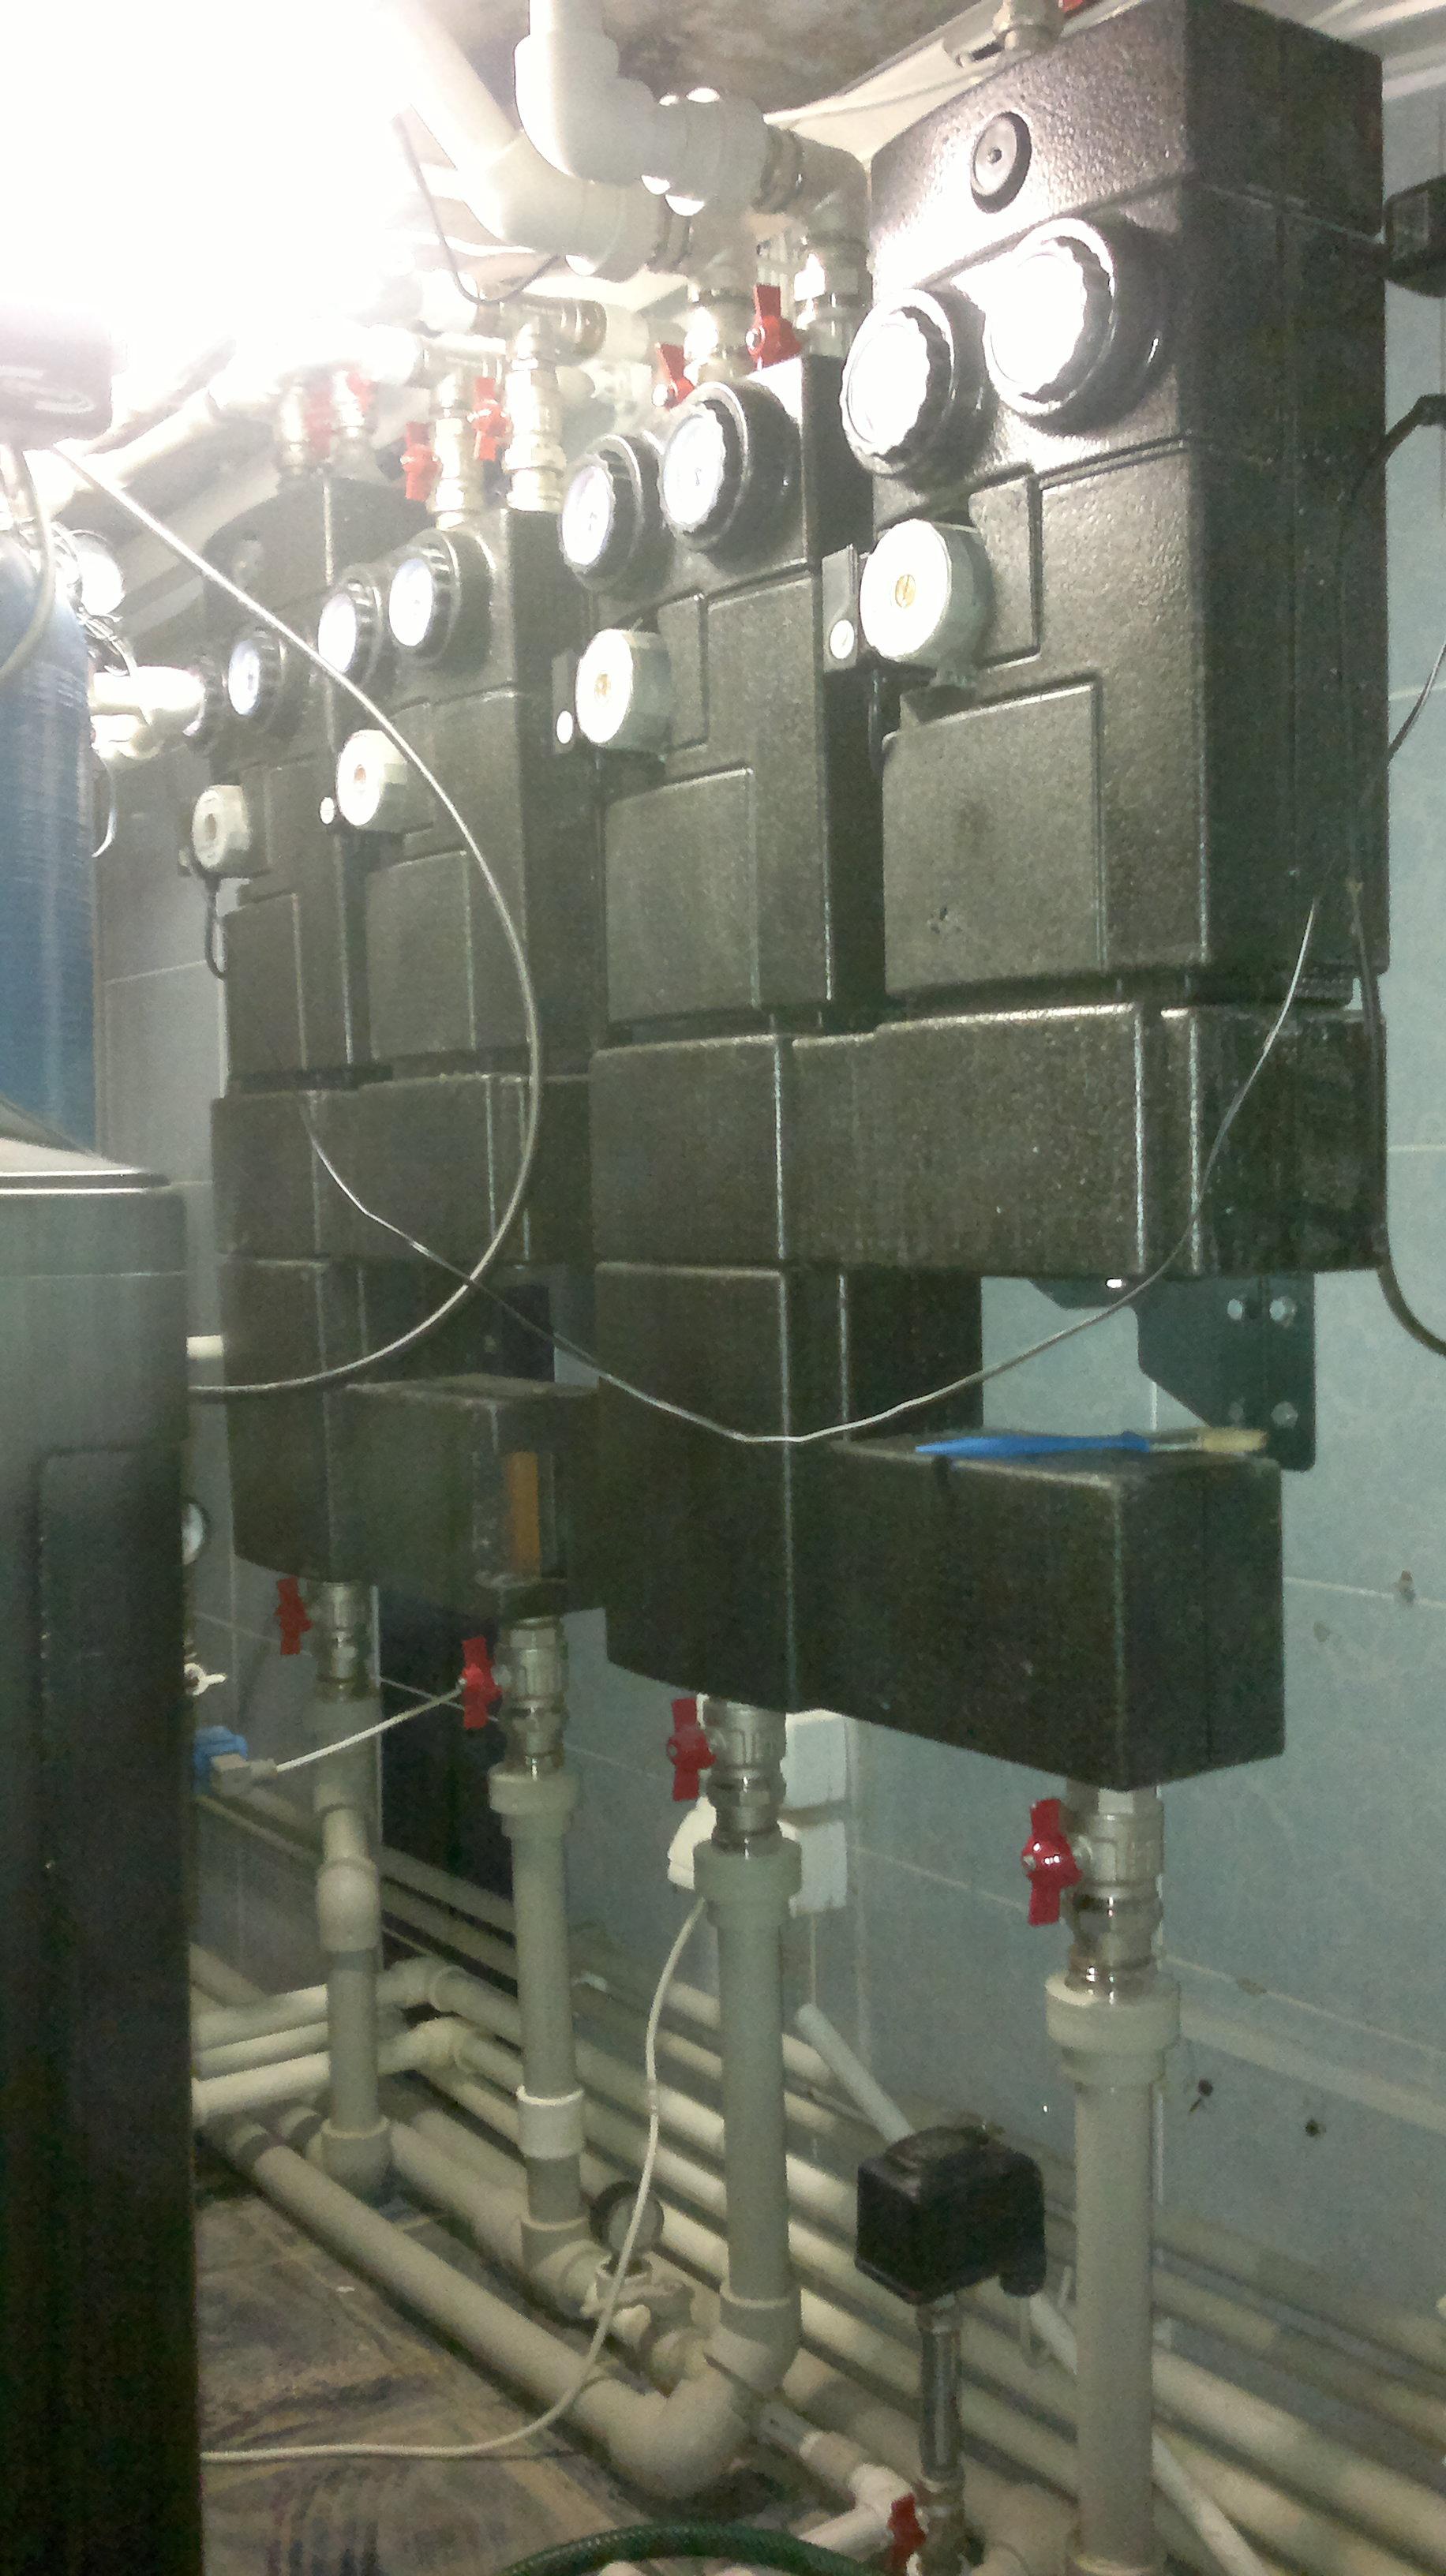 схема отопления бани на базе электрического котла